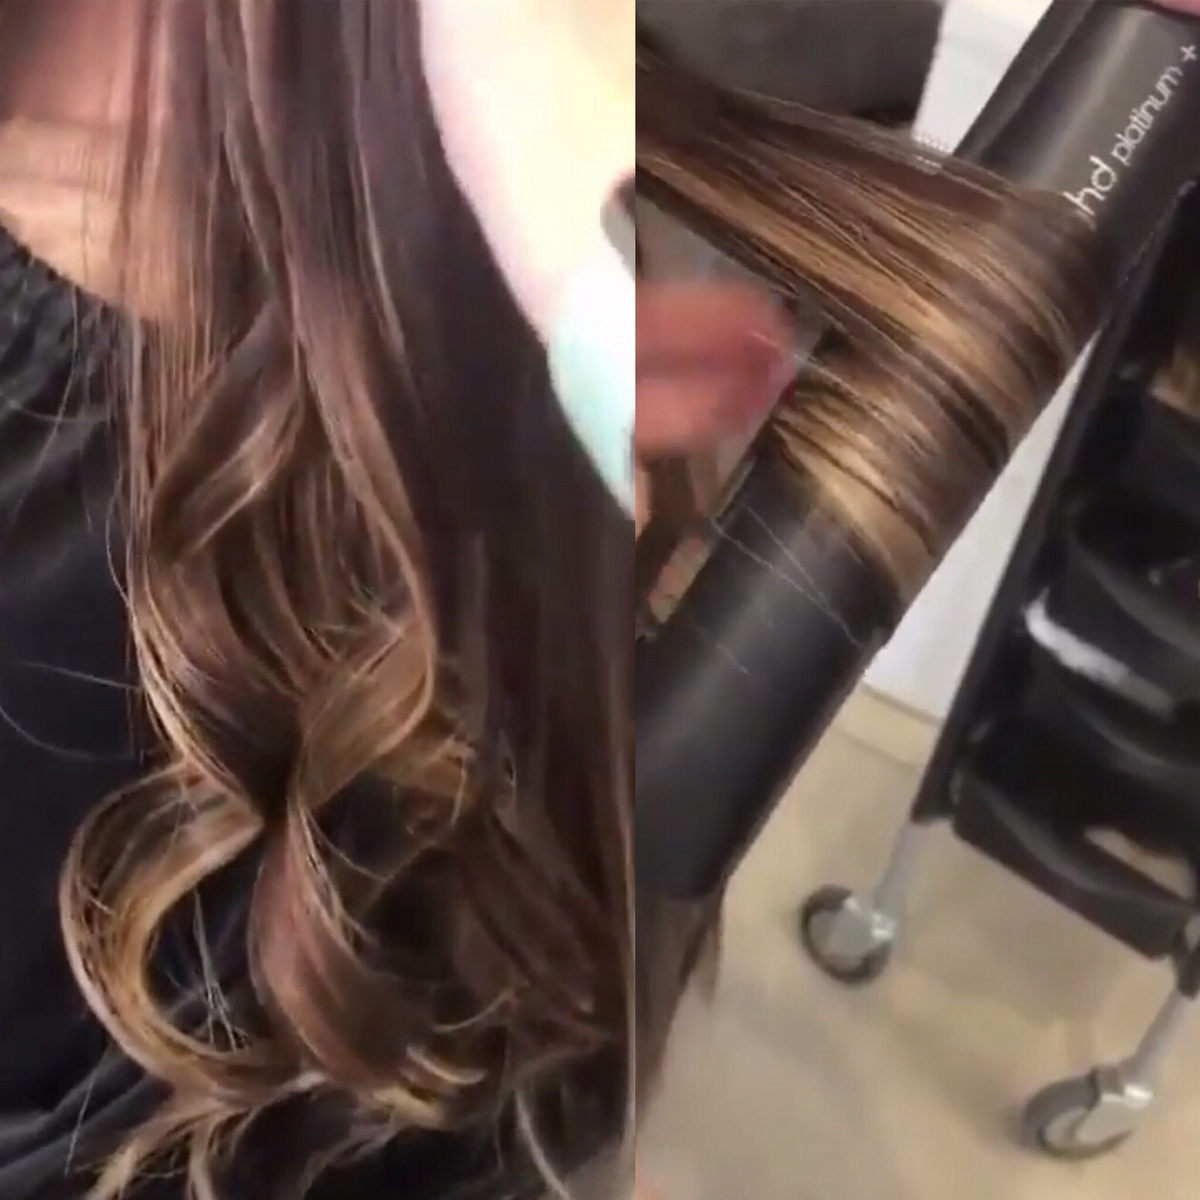 「捲過的髮絲,真的自帶光澤,而且捲度還很持久」專業美髮品牌ghd全新白金造型夾,用過的都讚不絕口